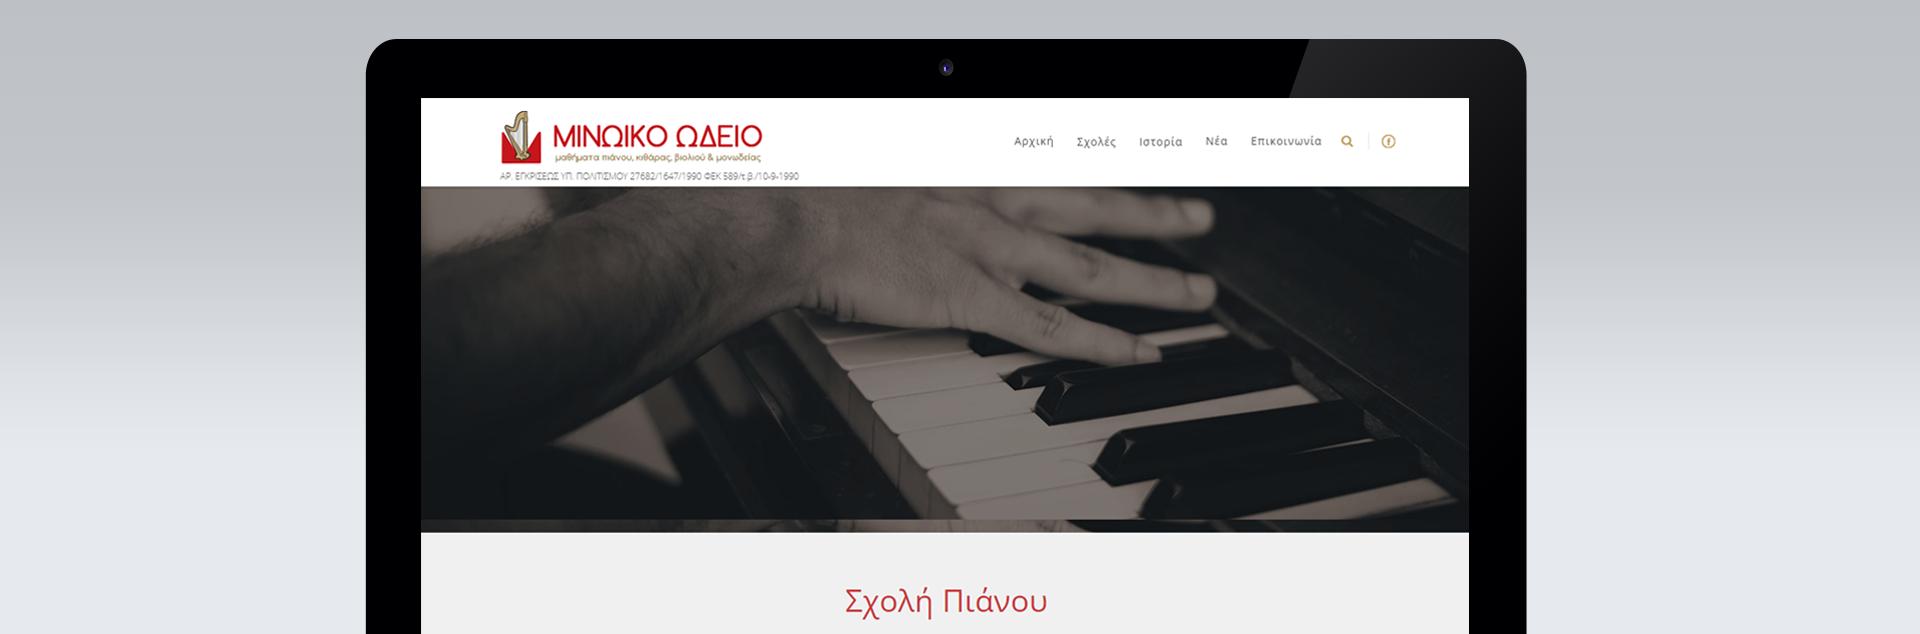 minoiko-slider-banner-piano